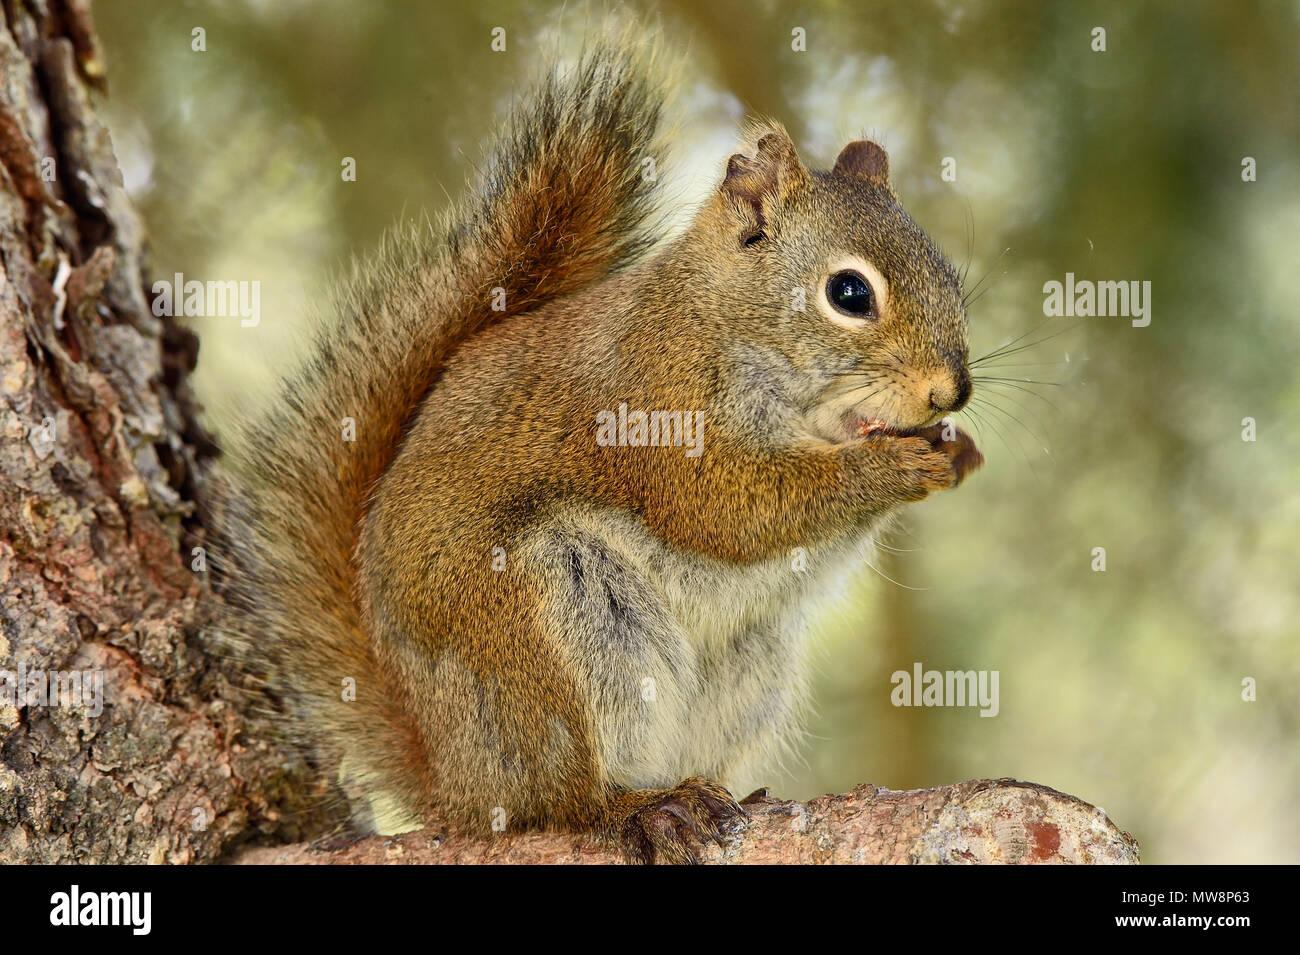 Un écureuil rouge sauvage 'Tamiasciurus hudsonicus'; assis sur la branche d'un sapin à l'aide de ses pattes avant pour tenir quelque chose qu'il est en train de manger dans un milieu rural Photo Stock